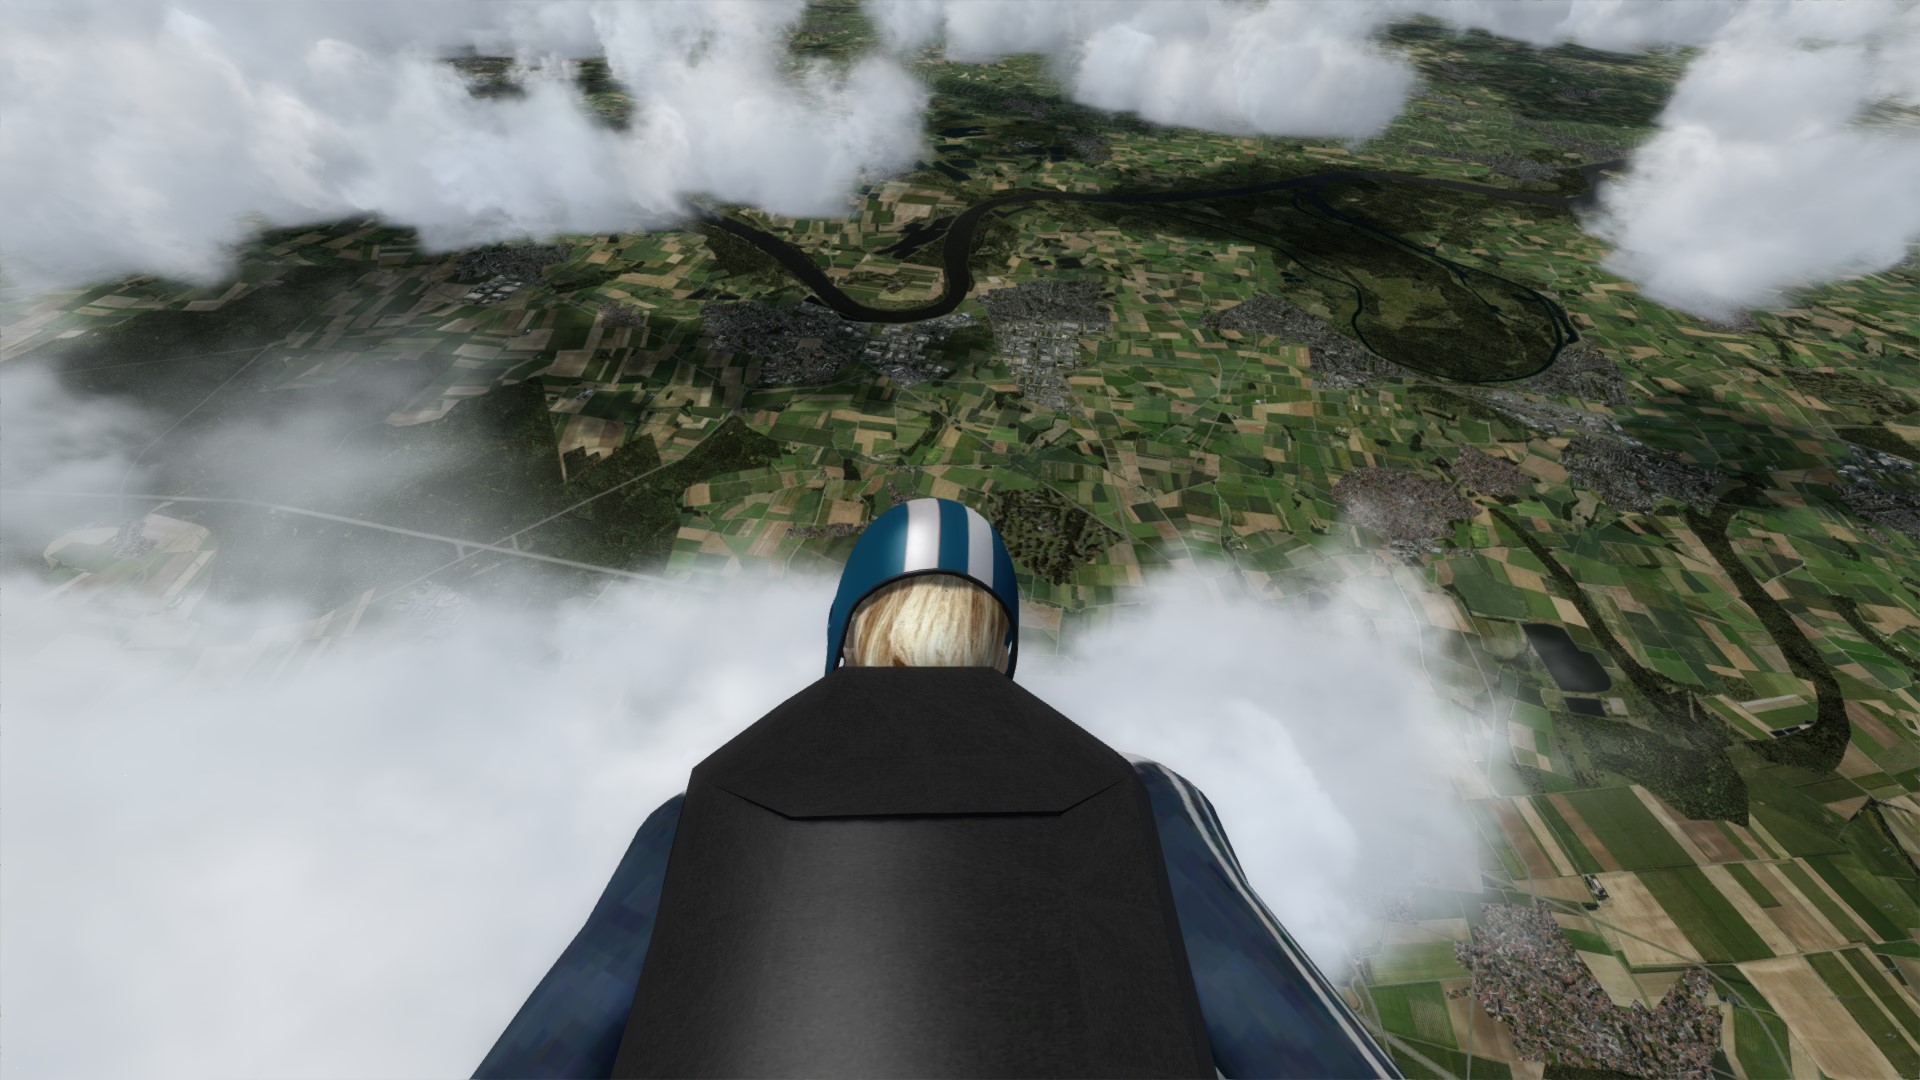 p3dv4_skydiver_back.jpg